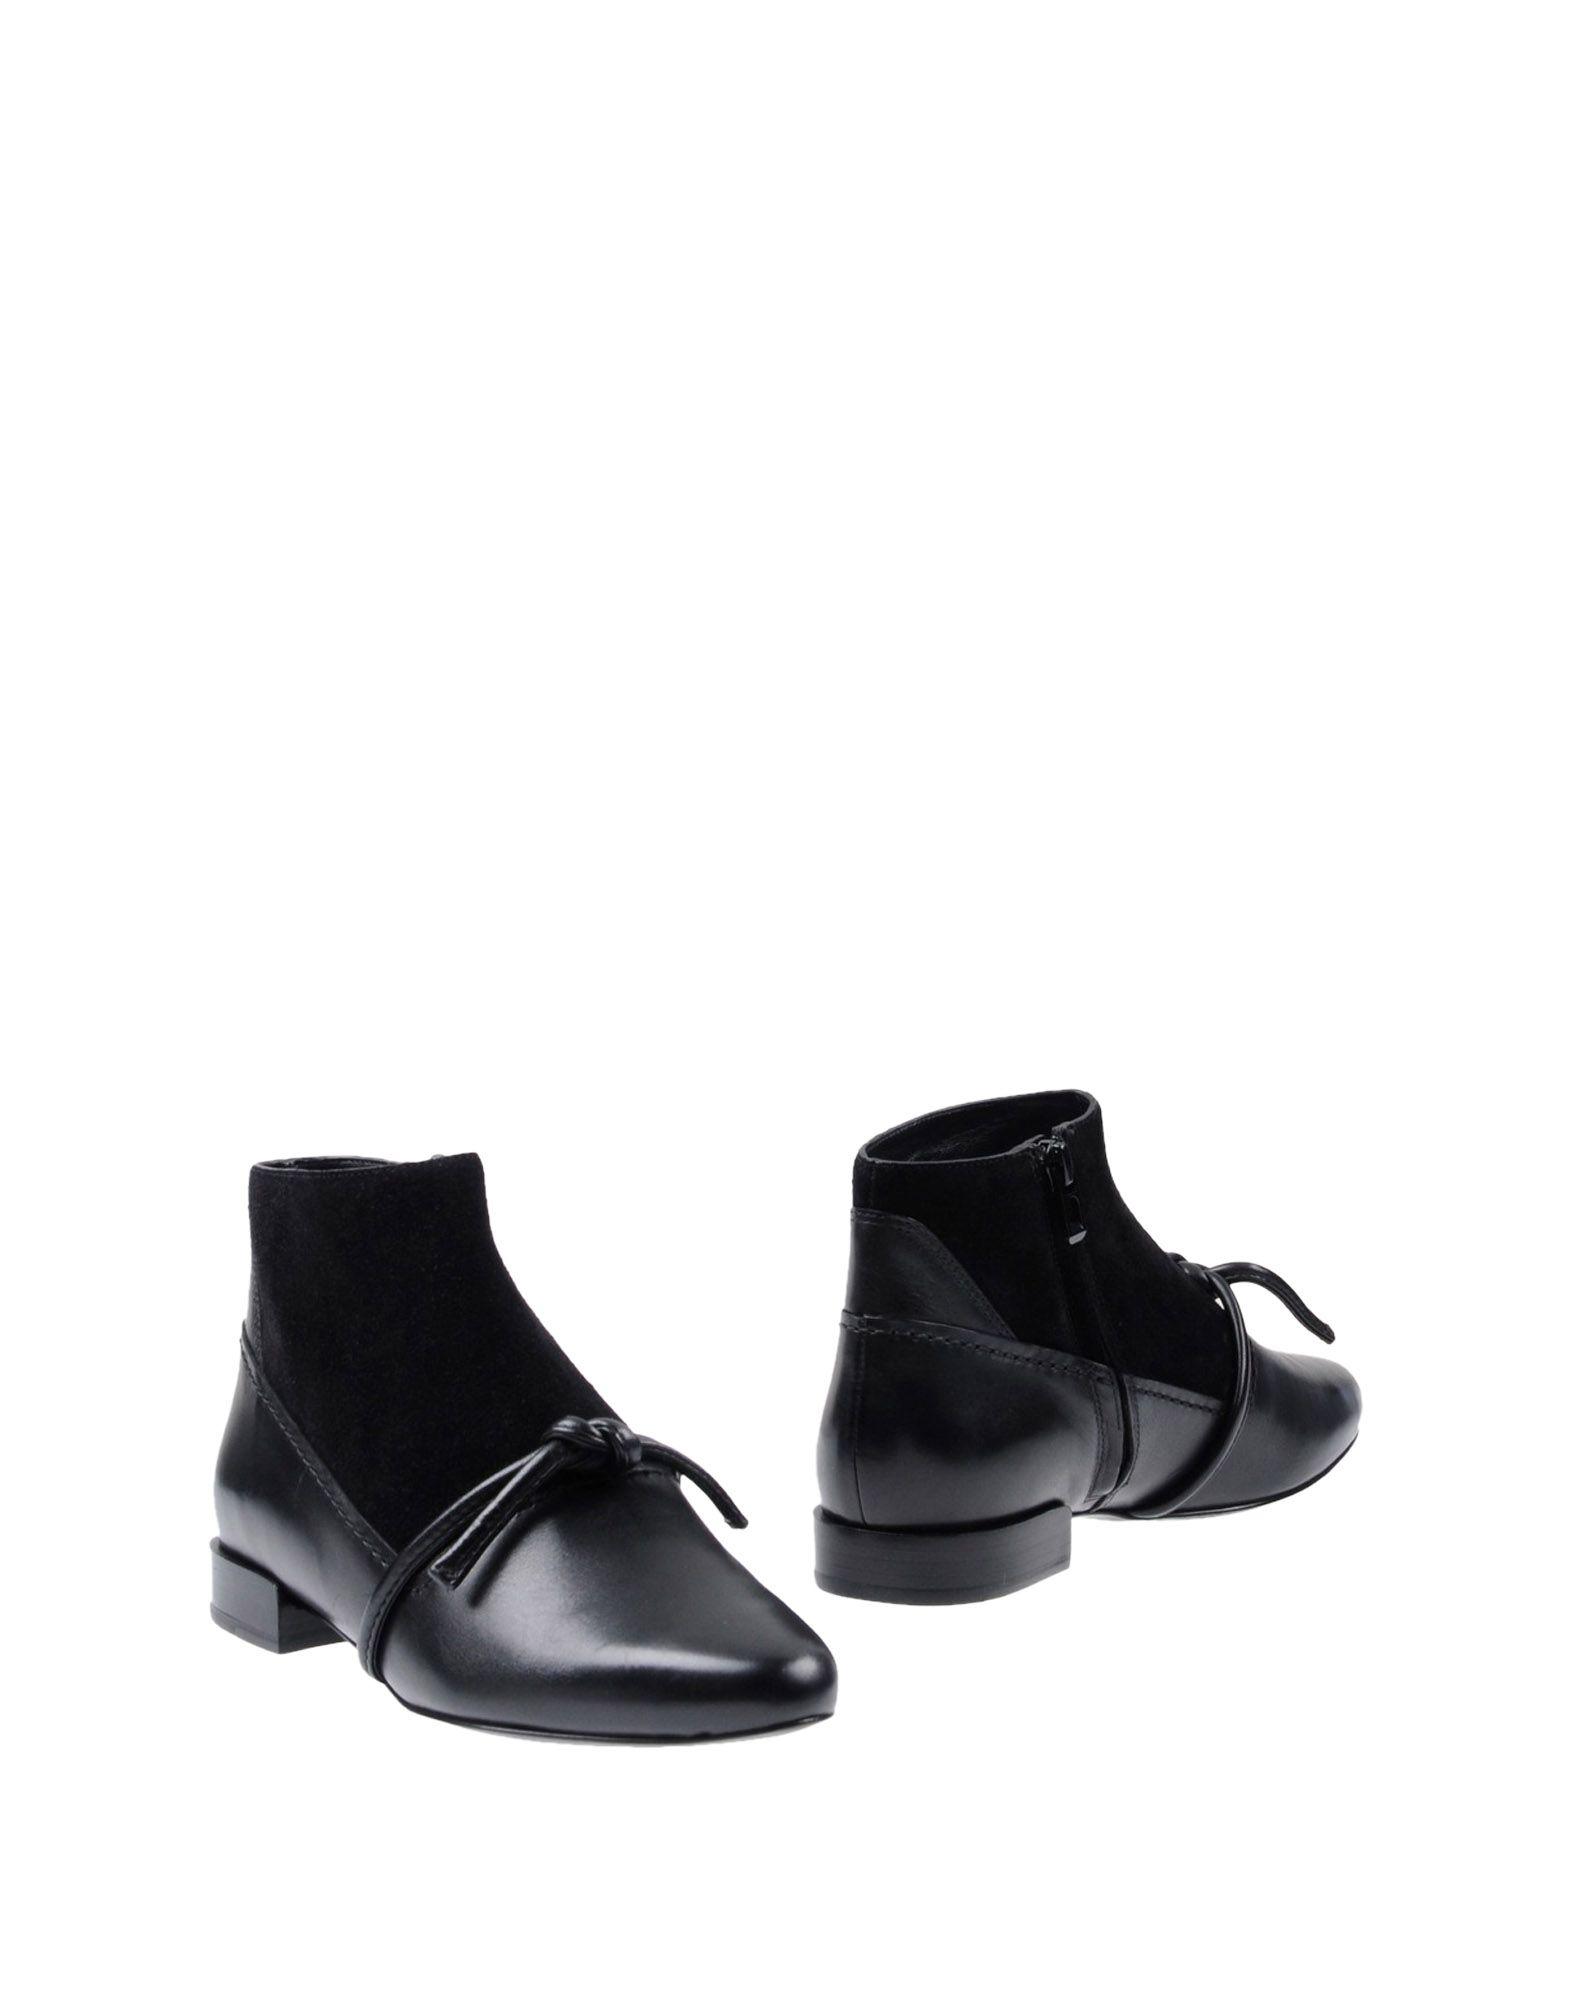 3.1 Phillip Lim Stiefelette Damen  11434223SRGut 11434223SRGut 11434223SRGut aussehende strapazierfähige Schuhe 69aca5